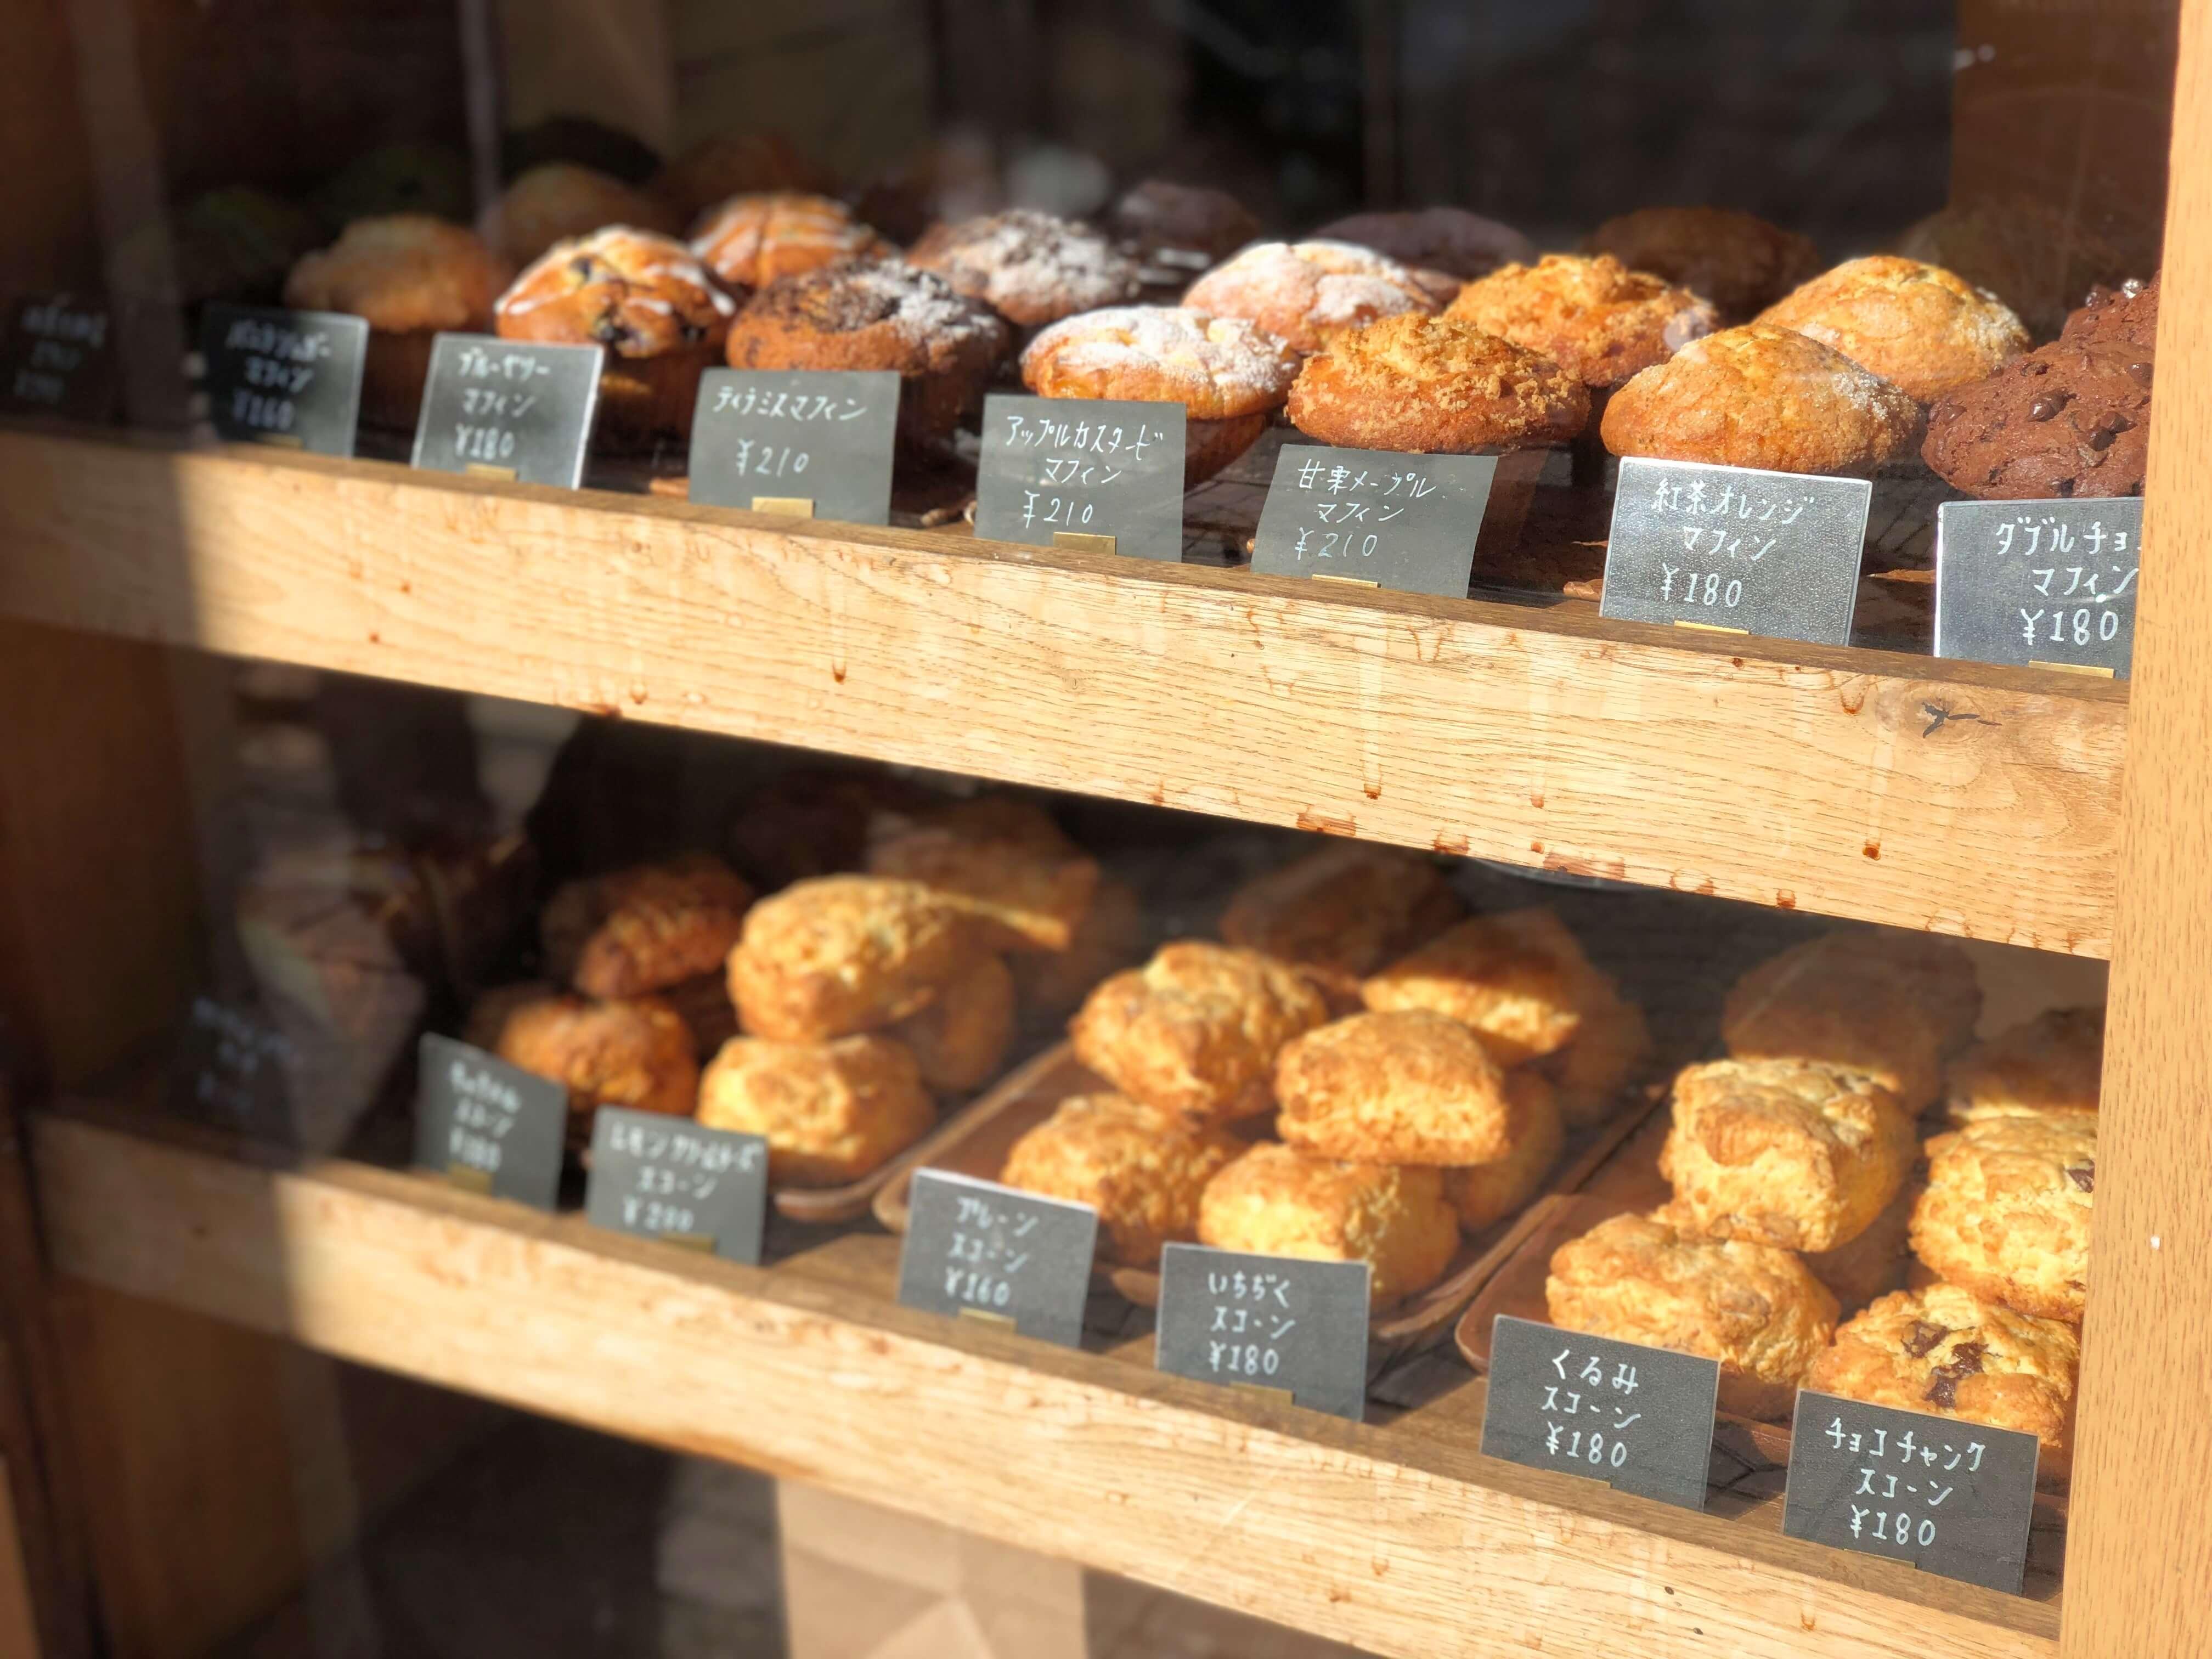 小さな焼き菓子屋|週2日限定!行列ができるスコーンとマフィンのお店